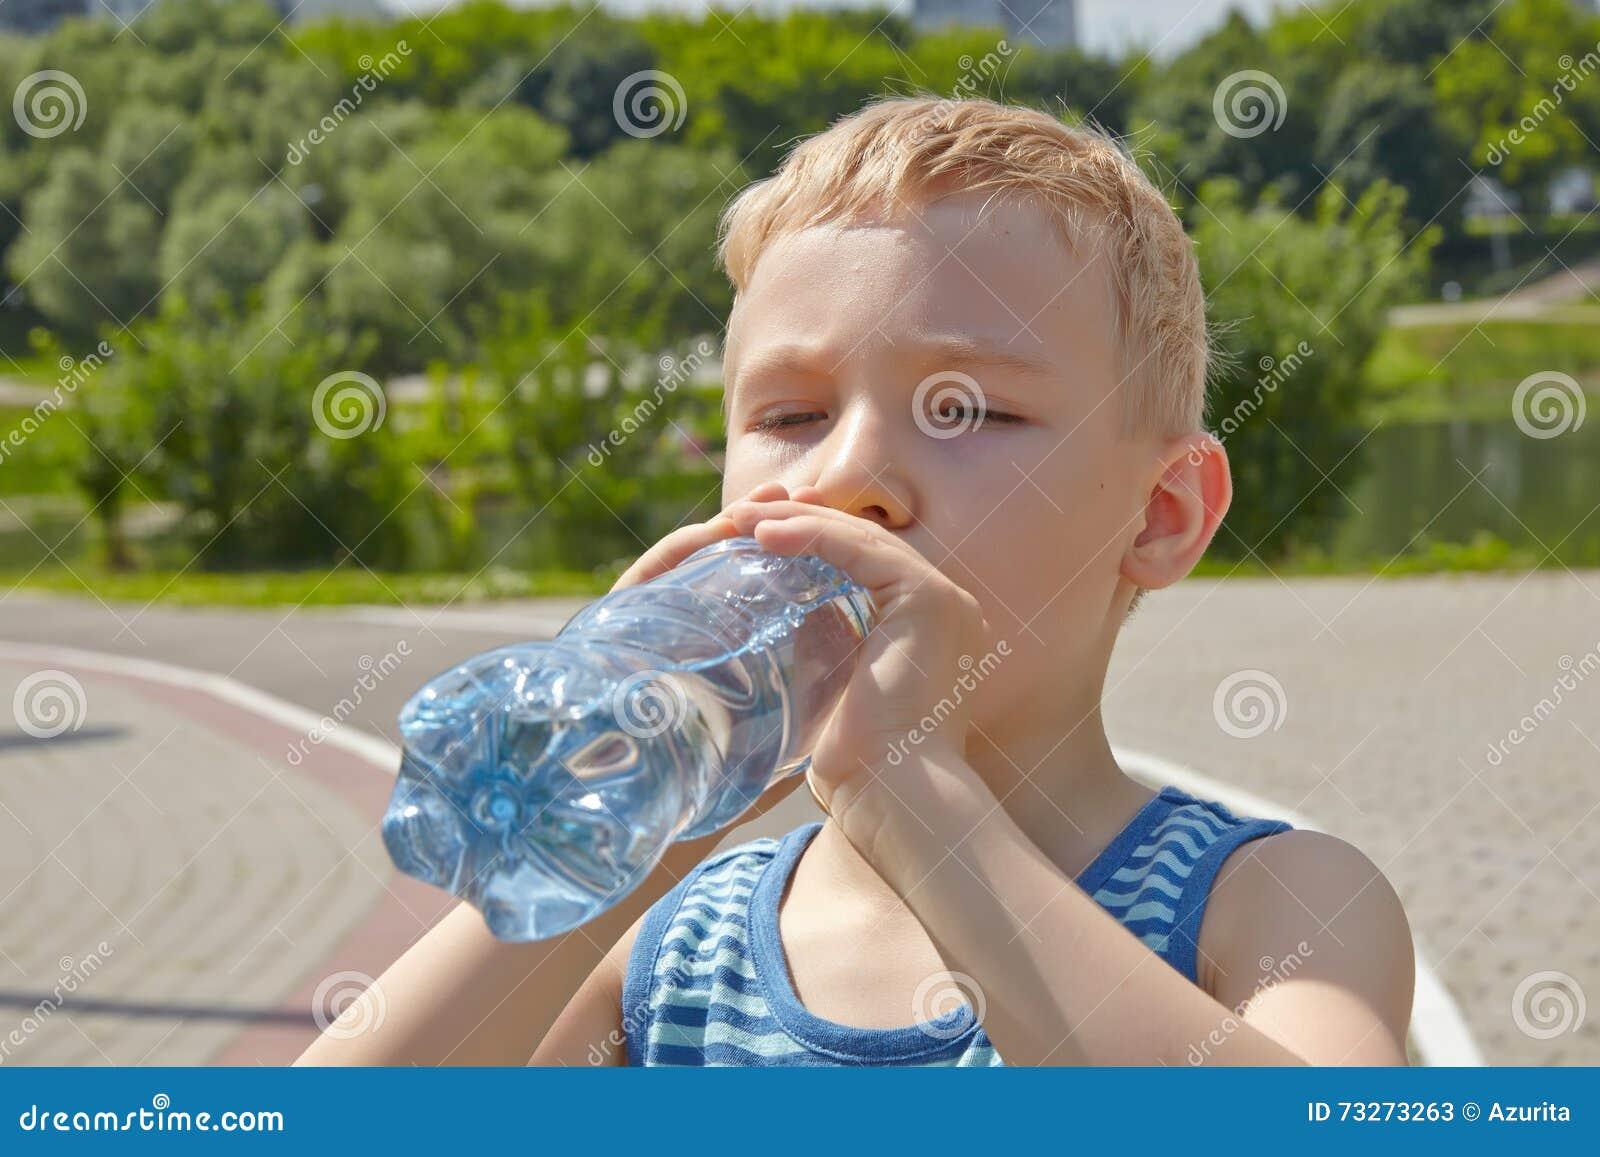 Bambino Che Beve Acqua Pura In Un Parco Fotografia Stock - Immagine: 73273263